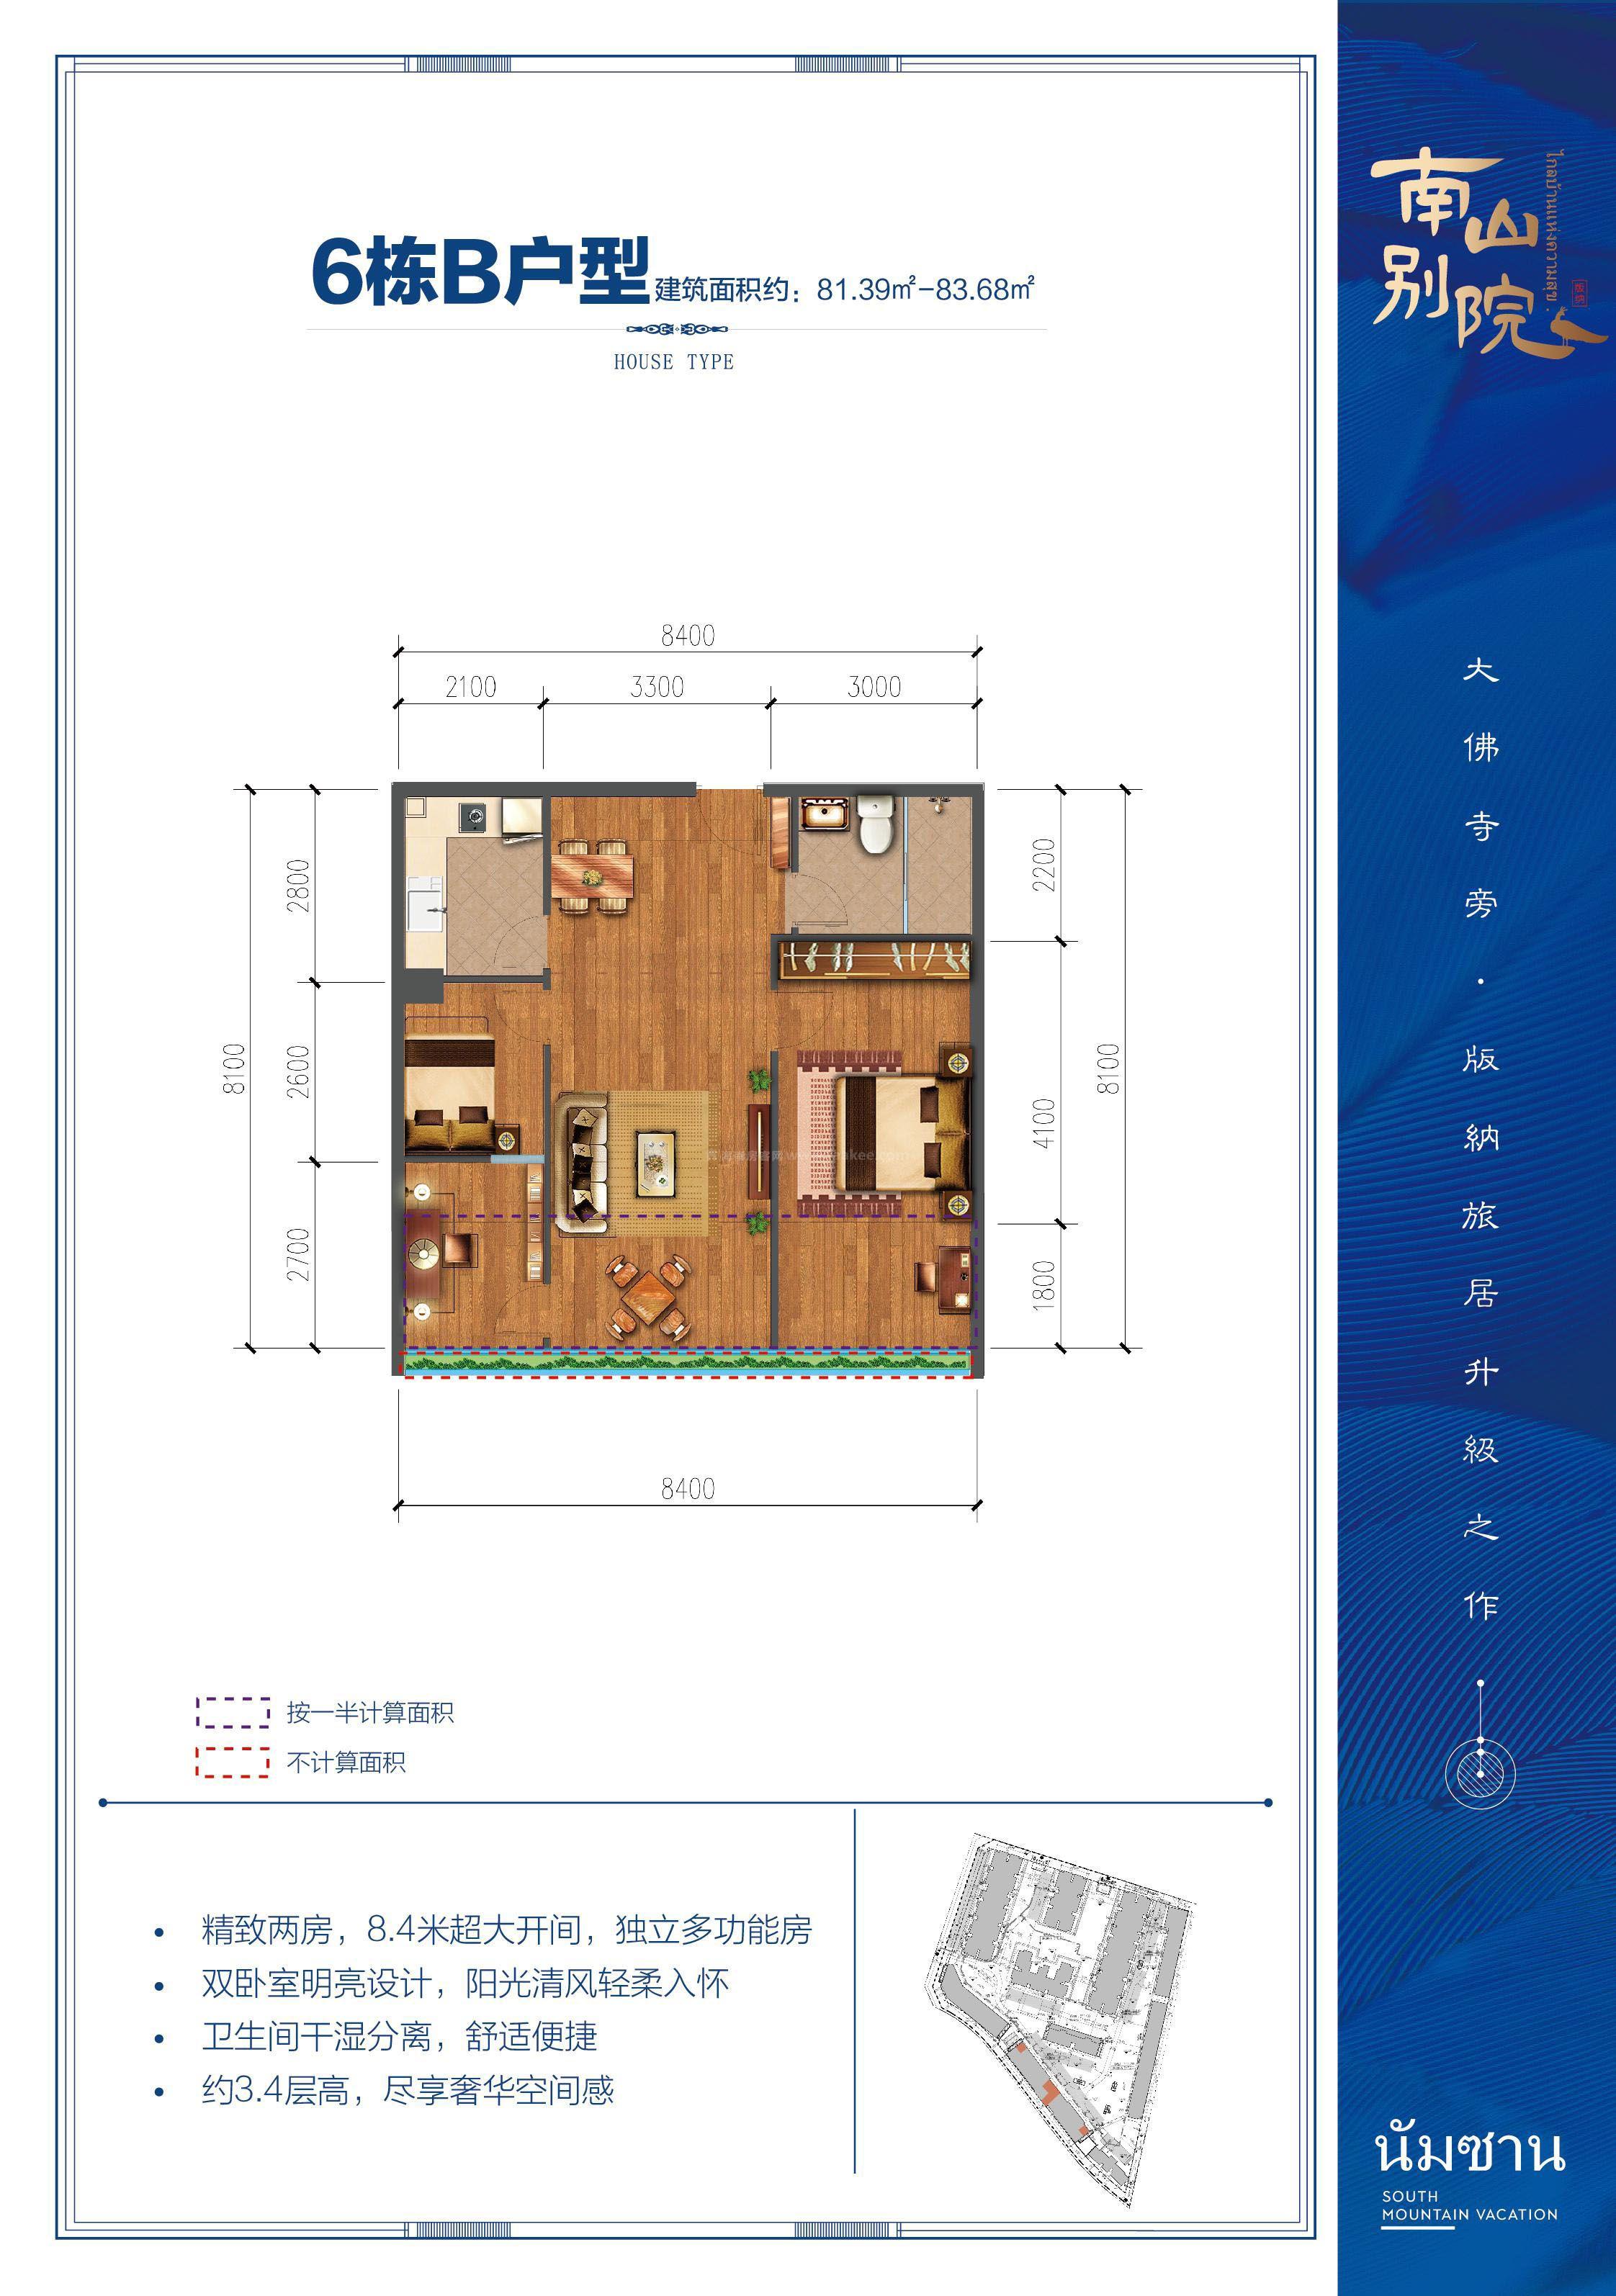 6栋B户型 2室1厅1卫1厨 建筑面积:81.39㎡-83.68㎡